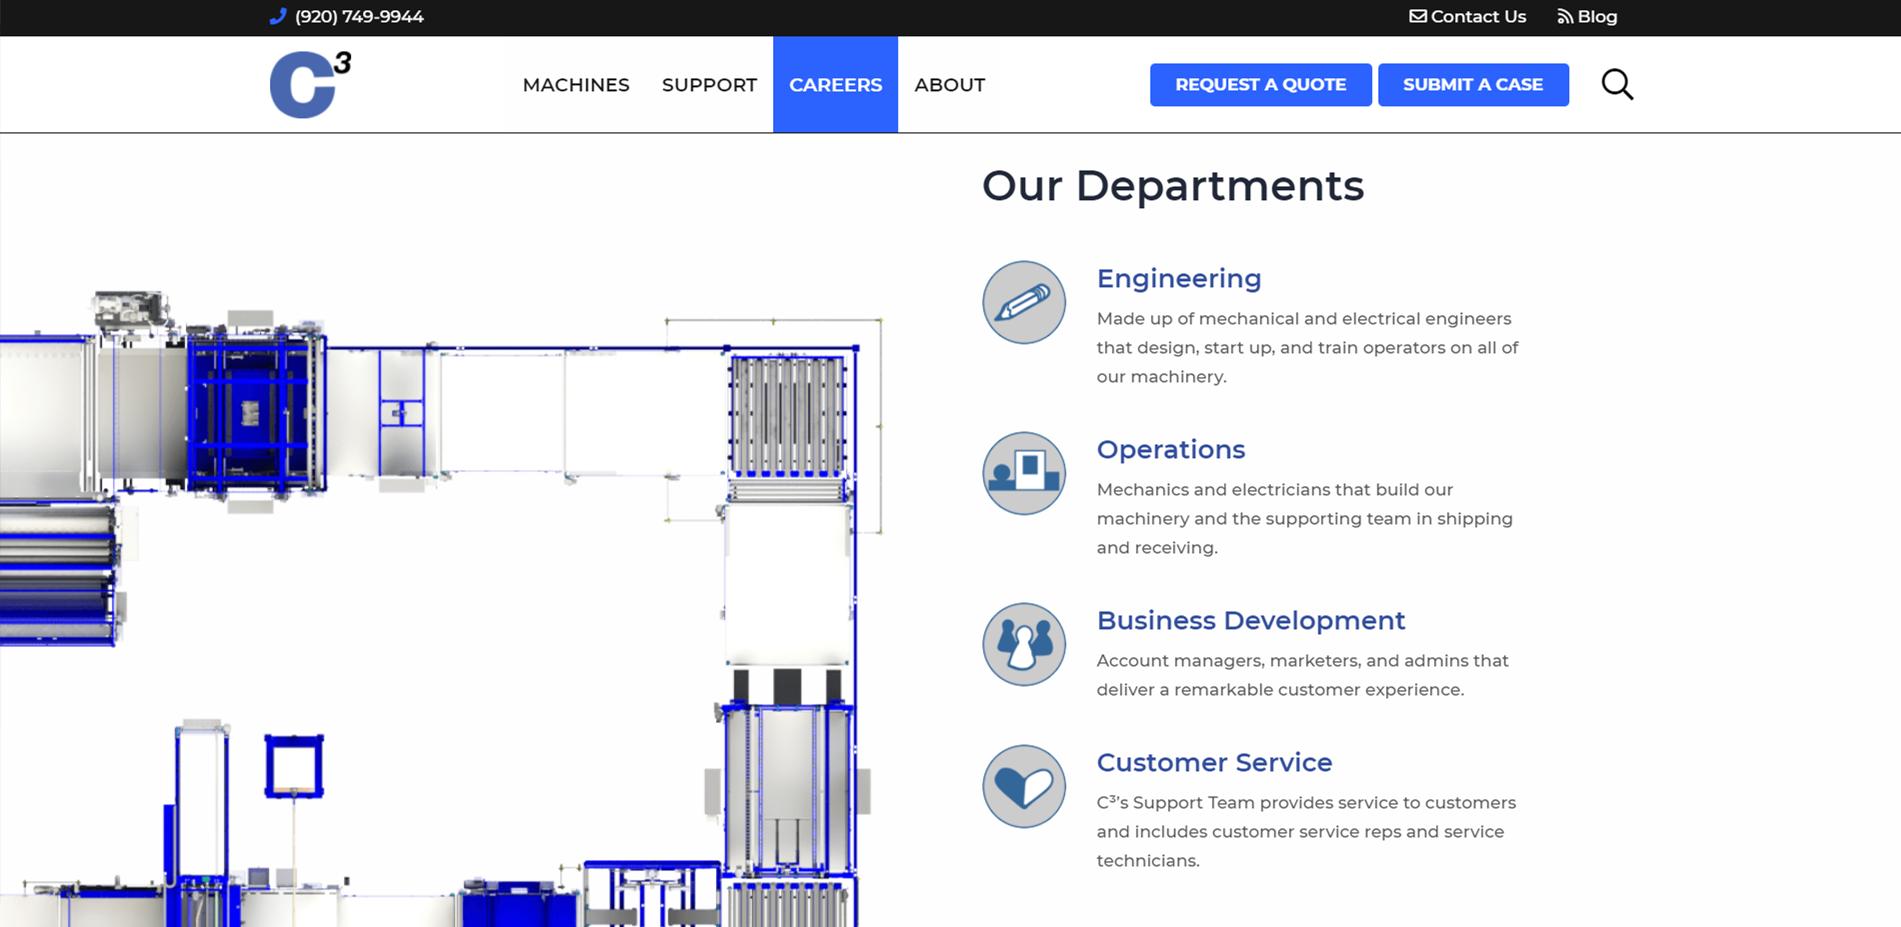 C3 Careers webpage